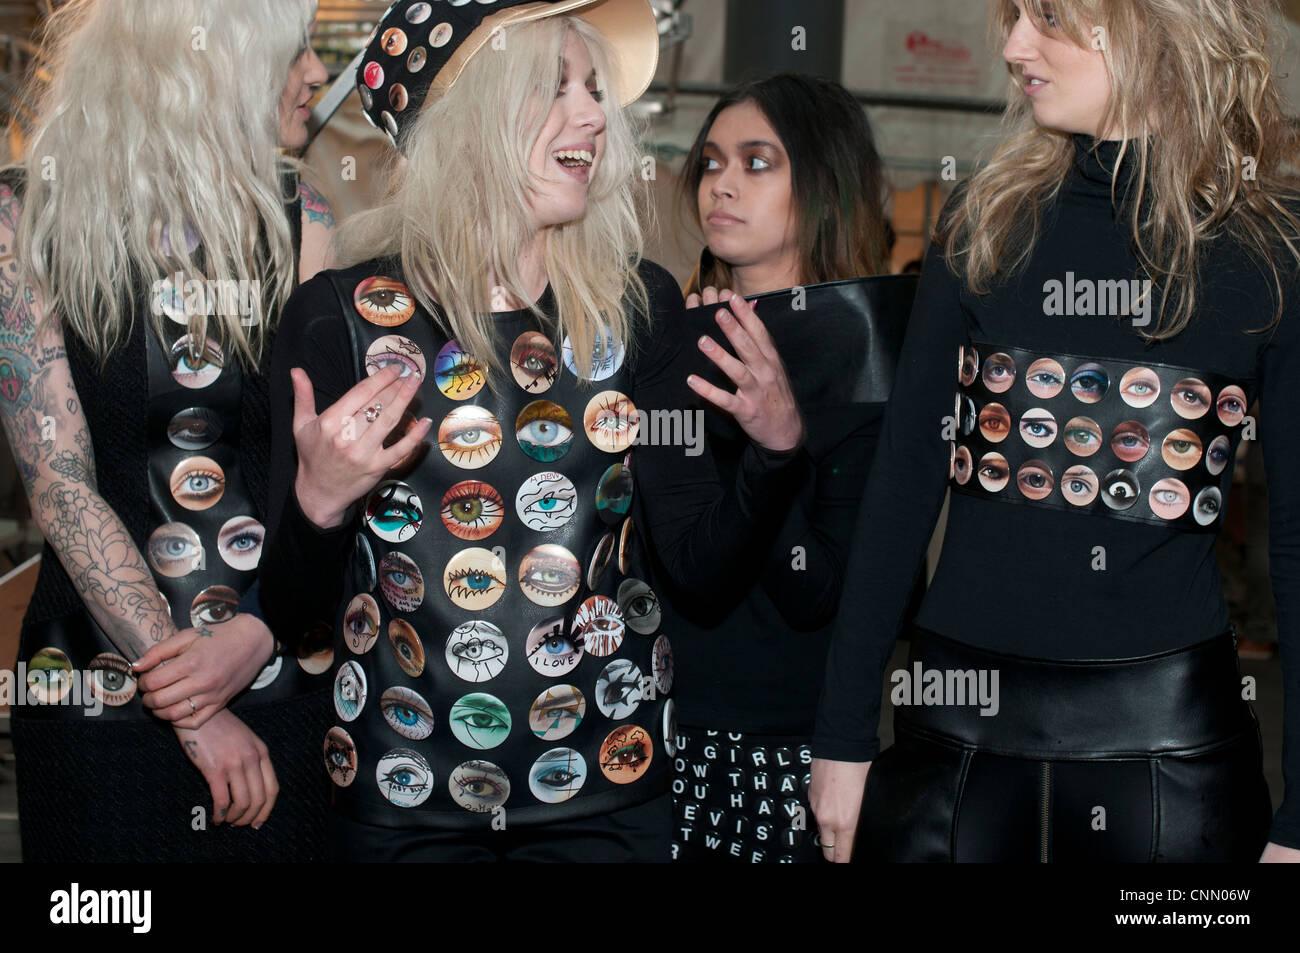 Alternative London Fashion Week 2012 .Les jeunes modèles blonde vêtu de noir avec des yeux plusieurs insignes Photo Stock